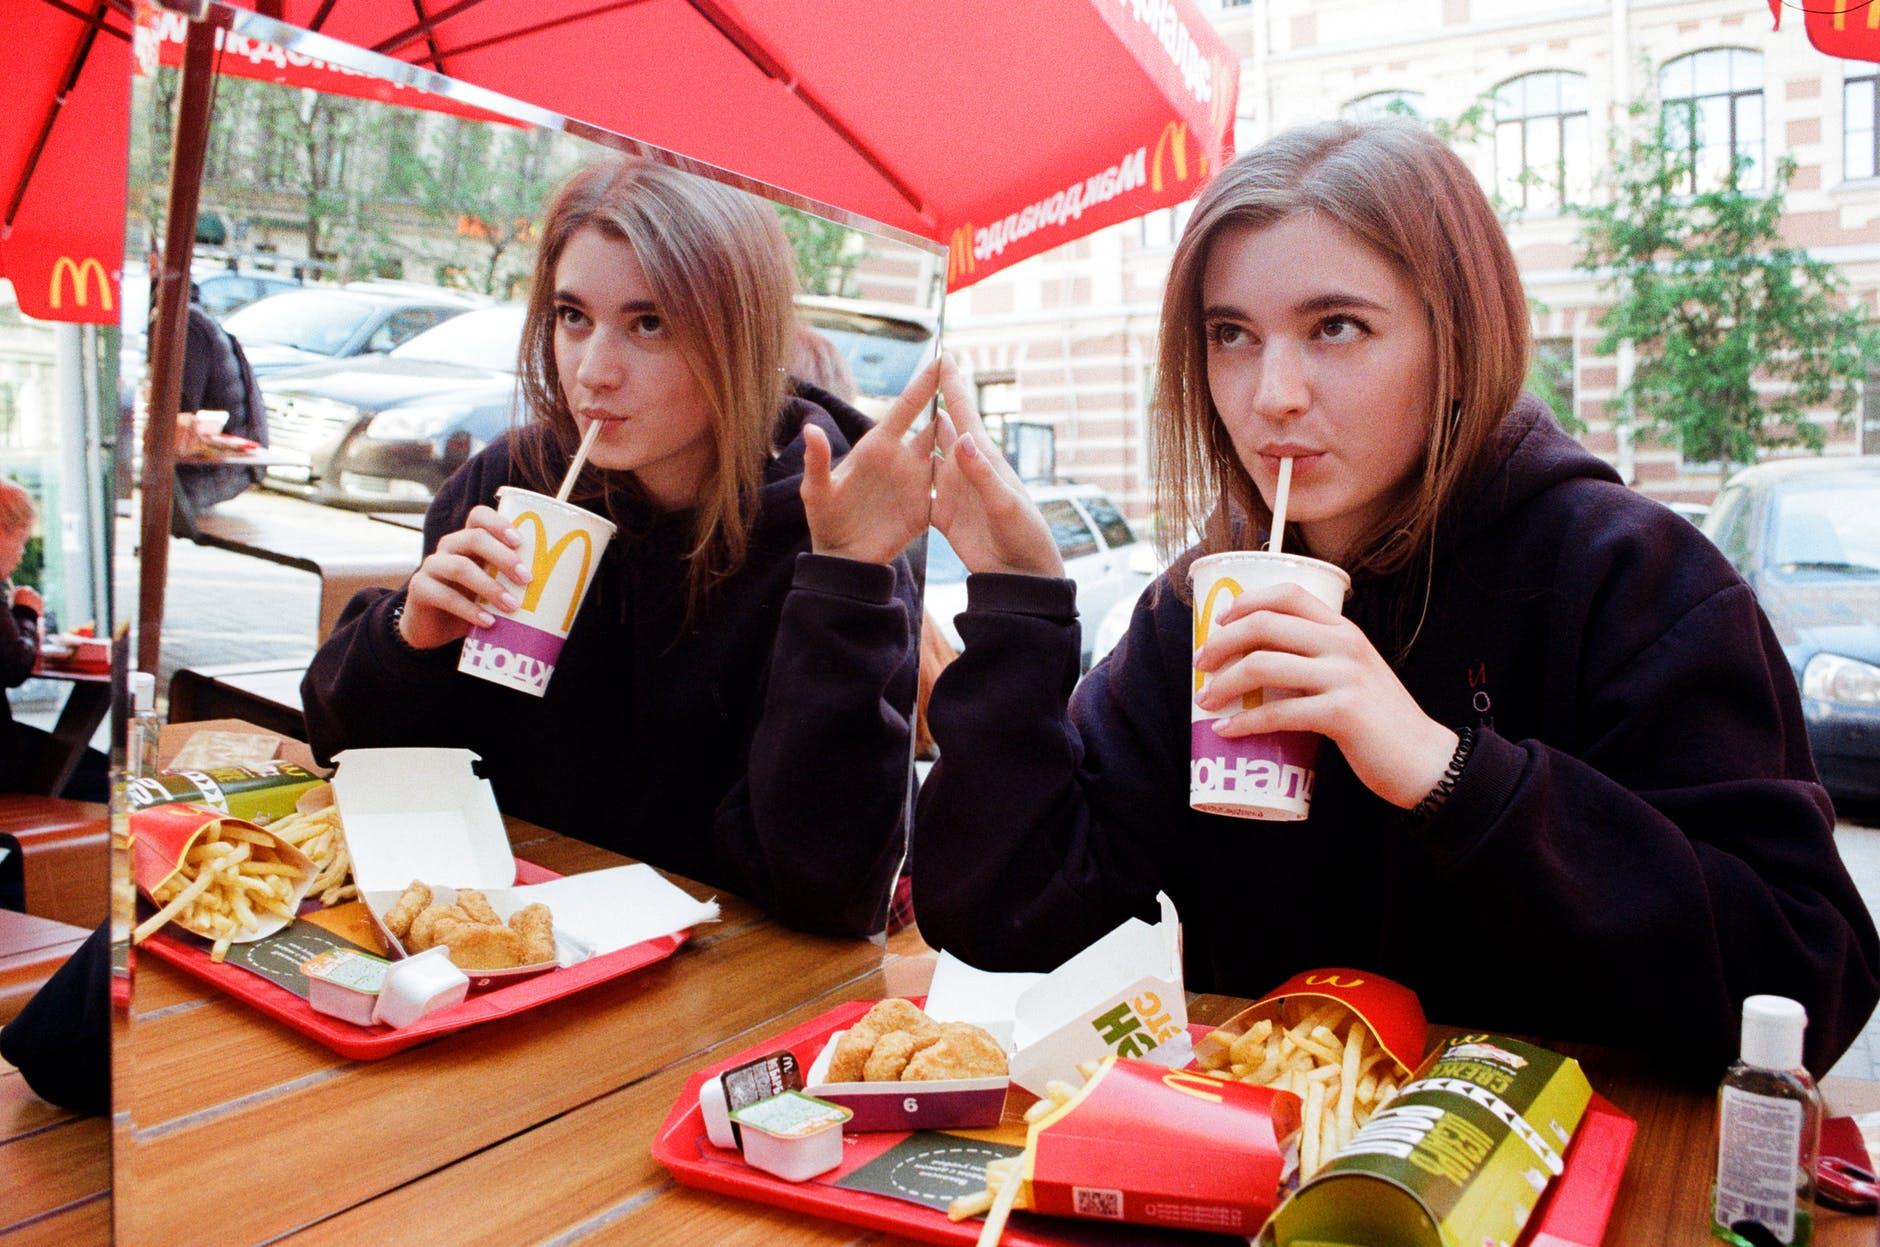 Girl eating in Mcdonalds